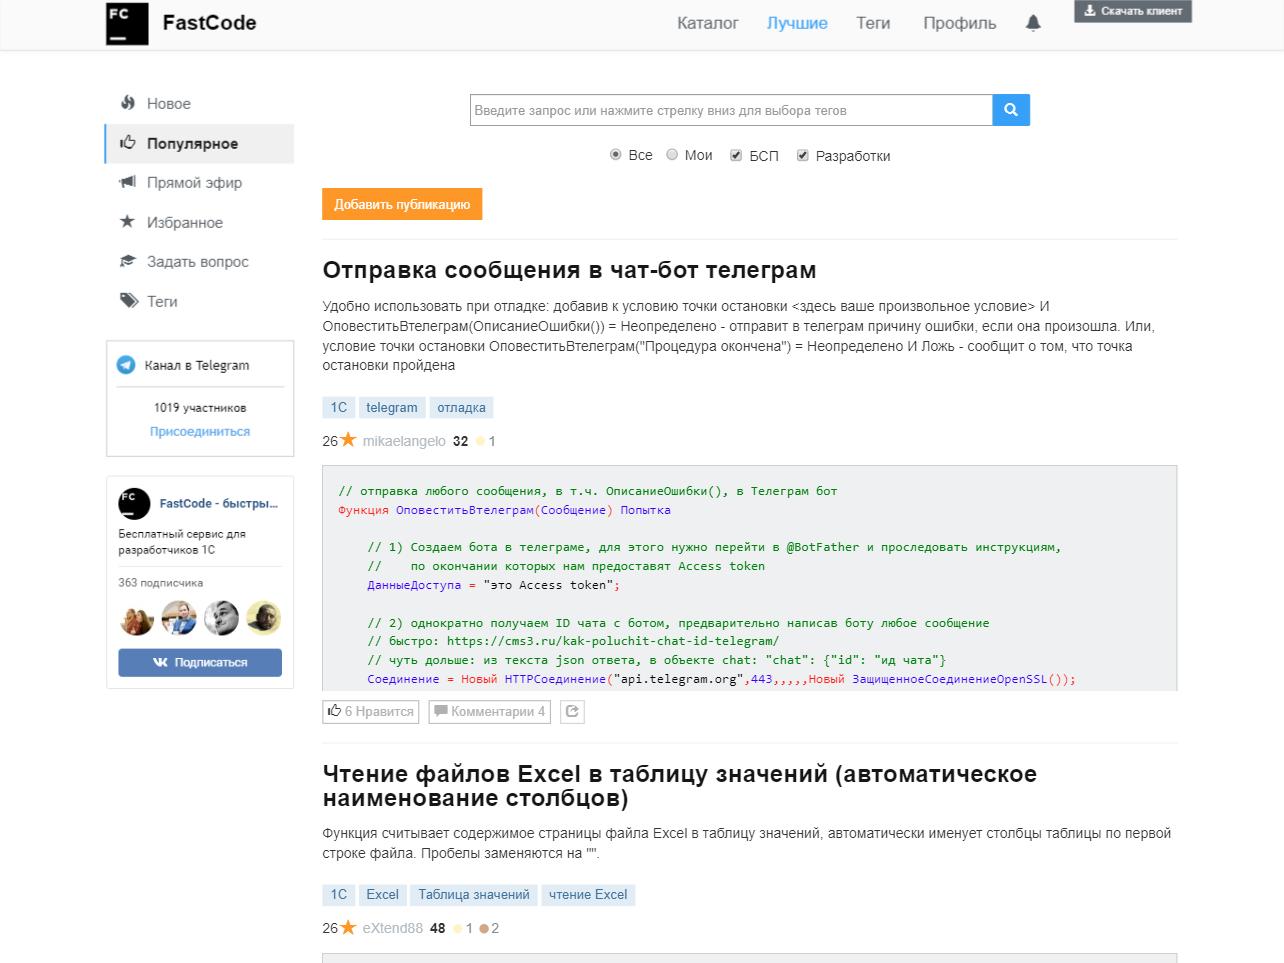 Image https://store.turboconf.ru/Content/Files/31C694EEA2260A37464FB9F25FA7B436FB000A06/FastCode_TopTemplates.png